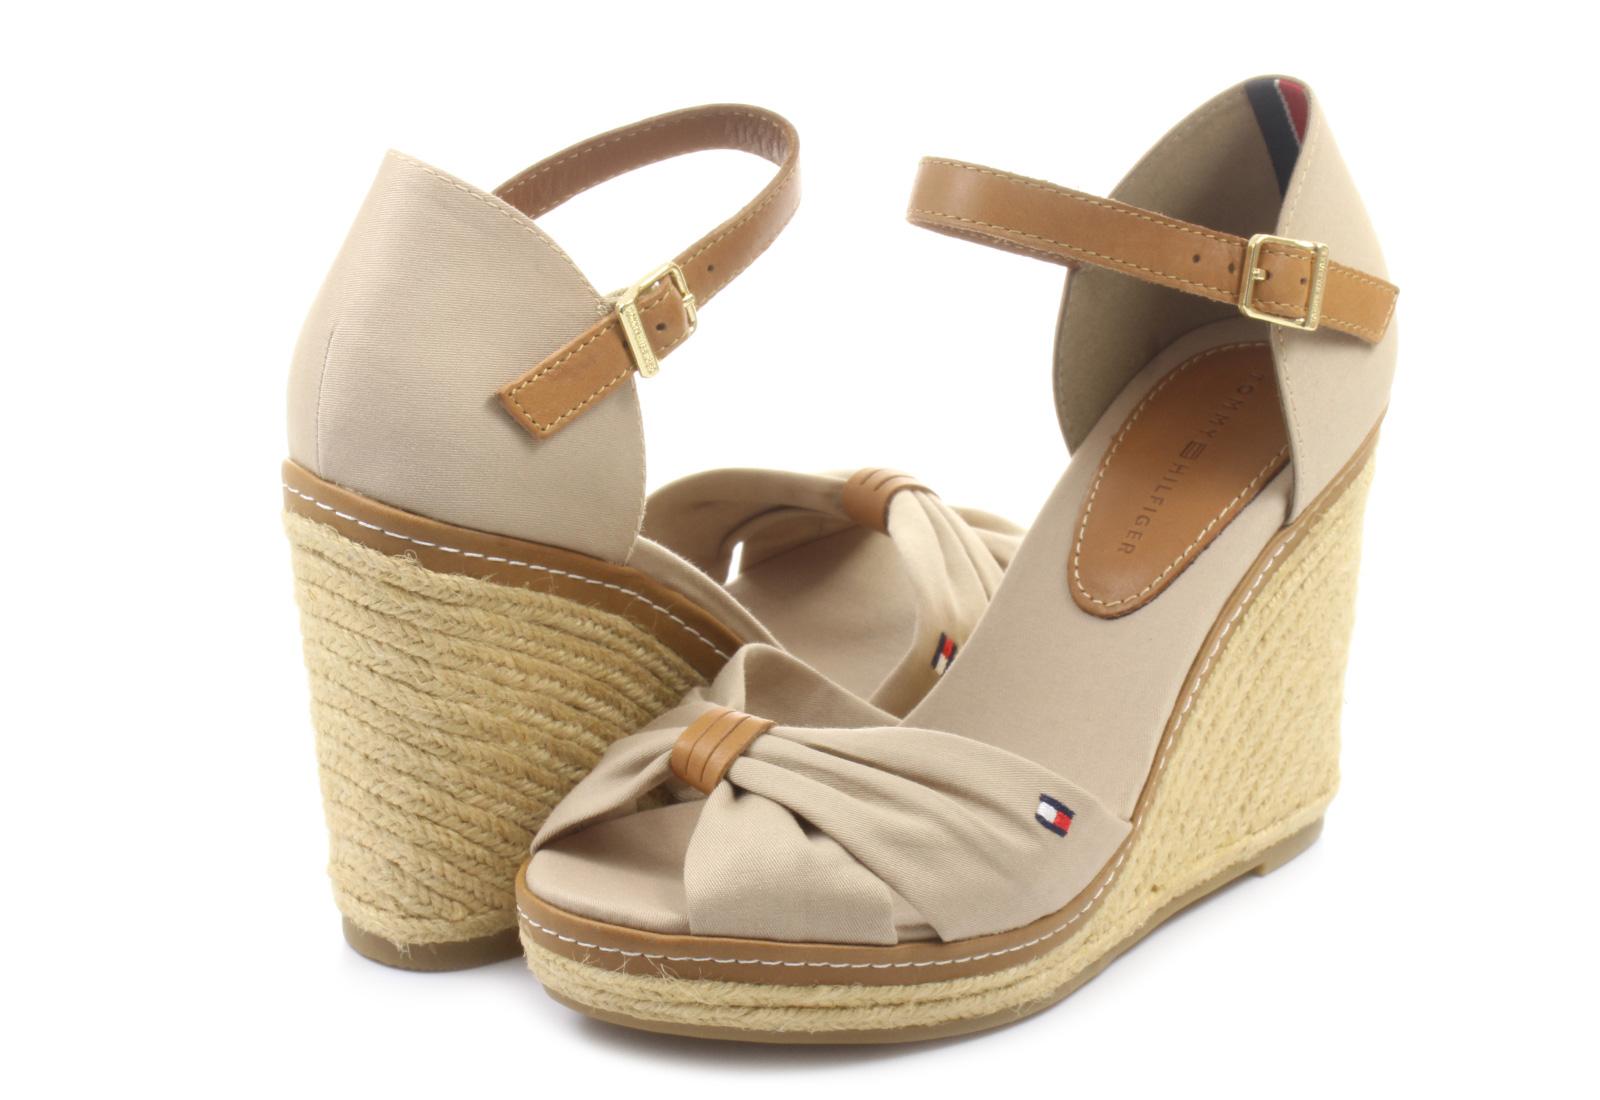 tommy hilfiger platforma be sandale emery 54d office shoes online trgovina  obu e 7083517205